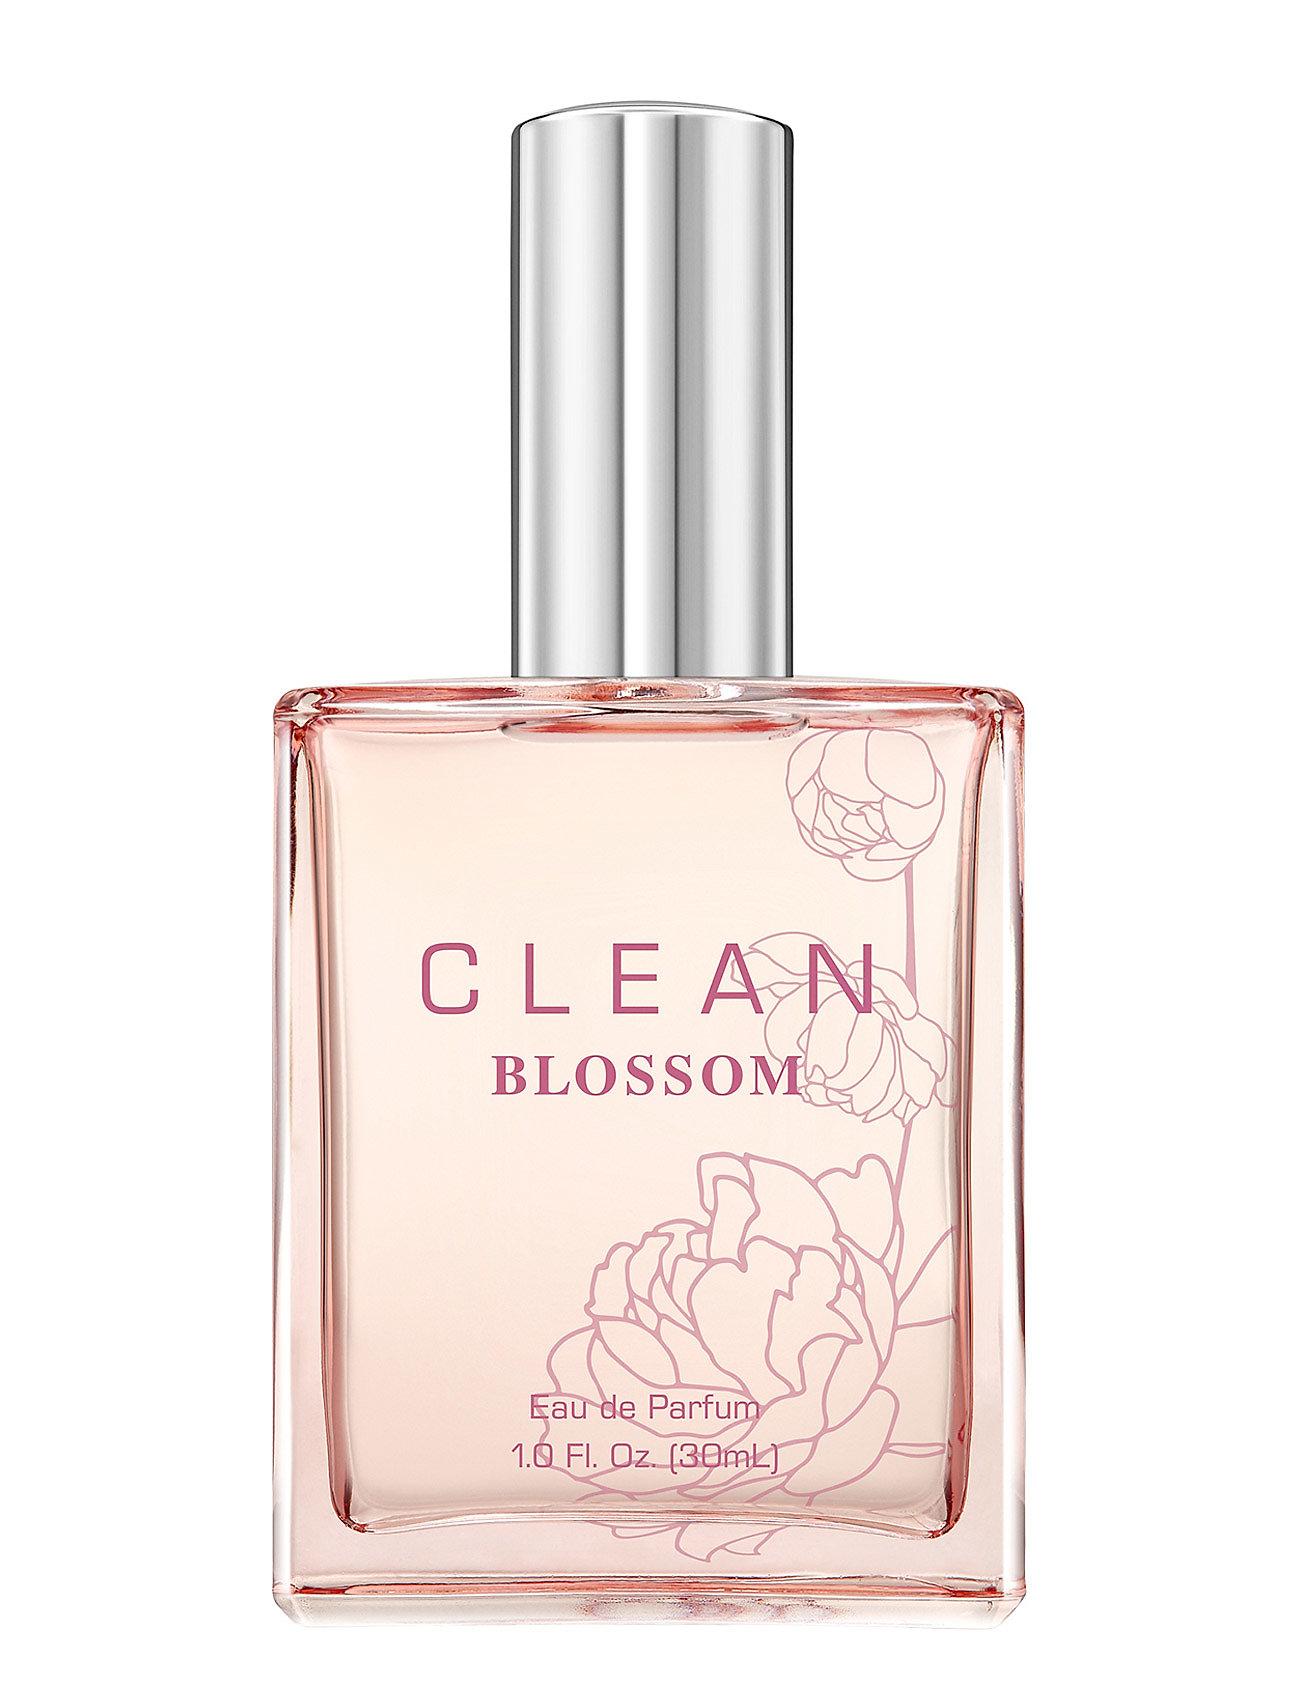 Blossom fra clean fra boozt.com dk